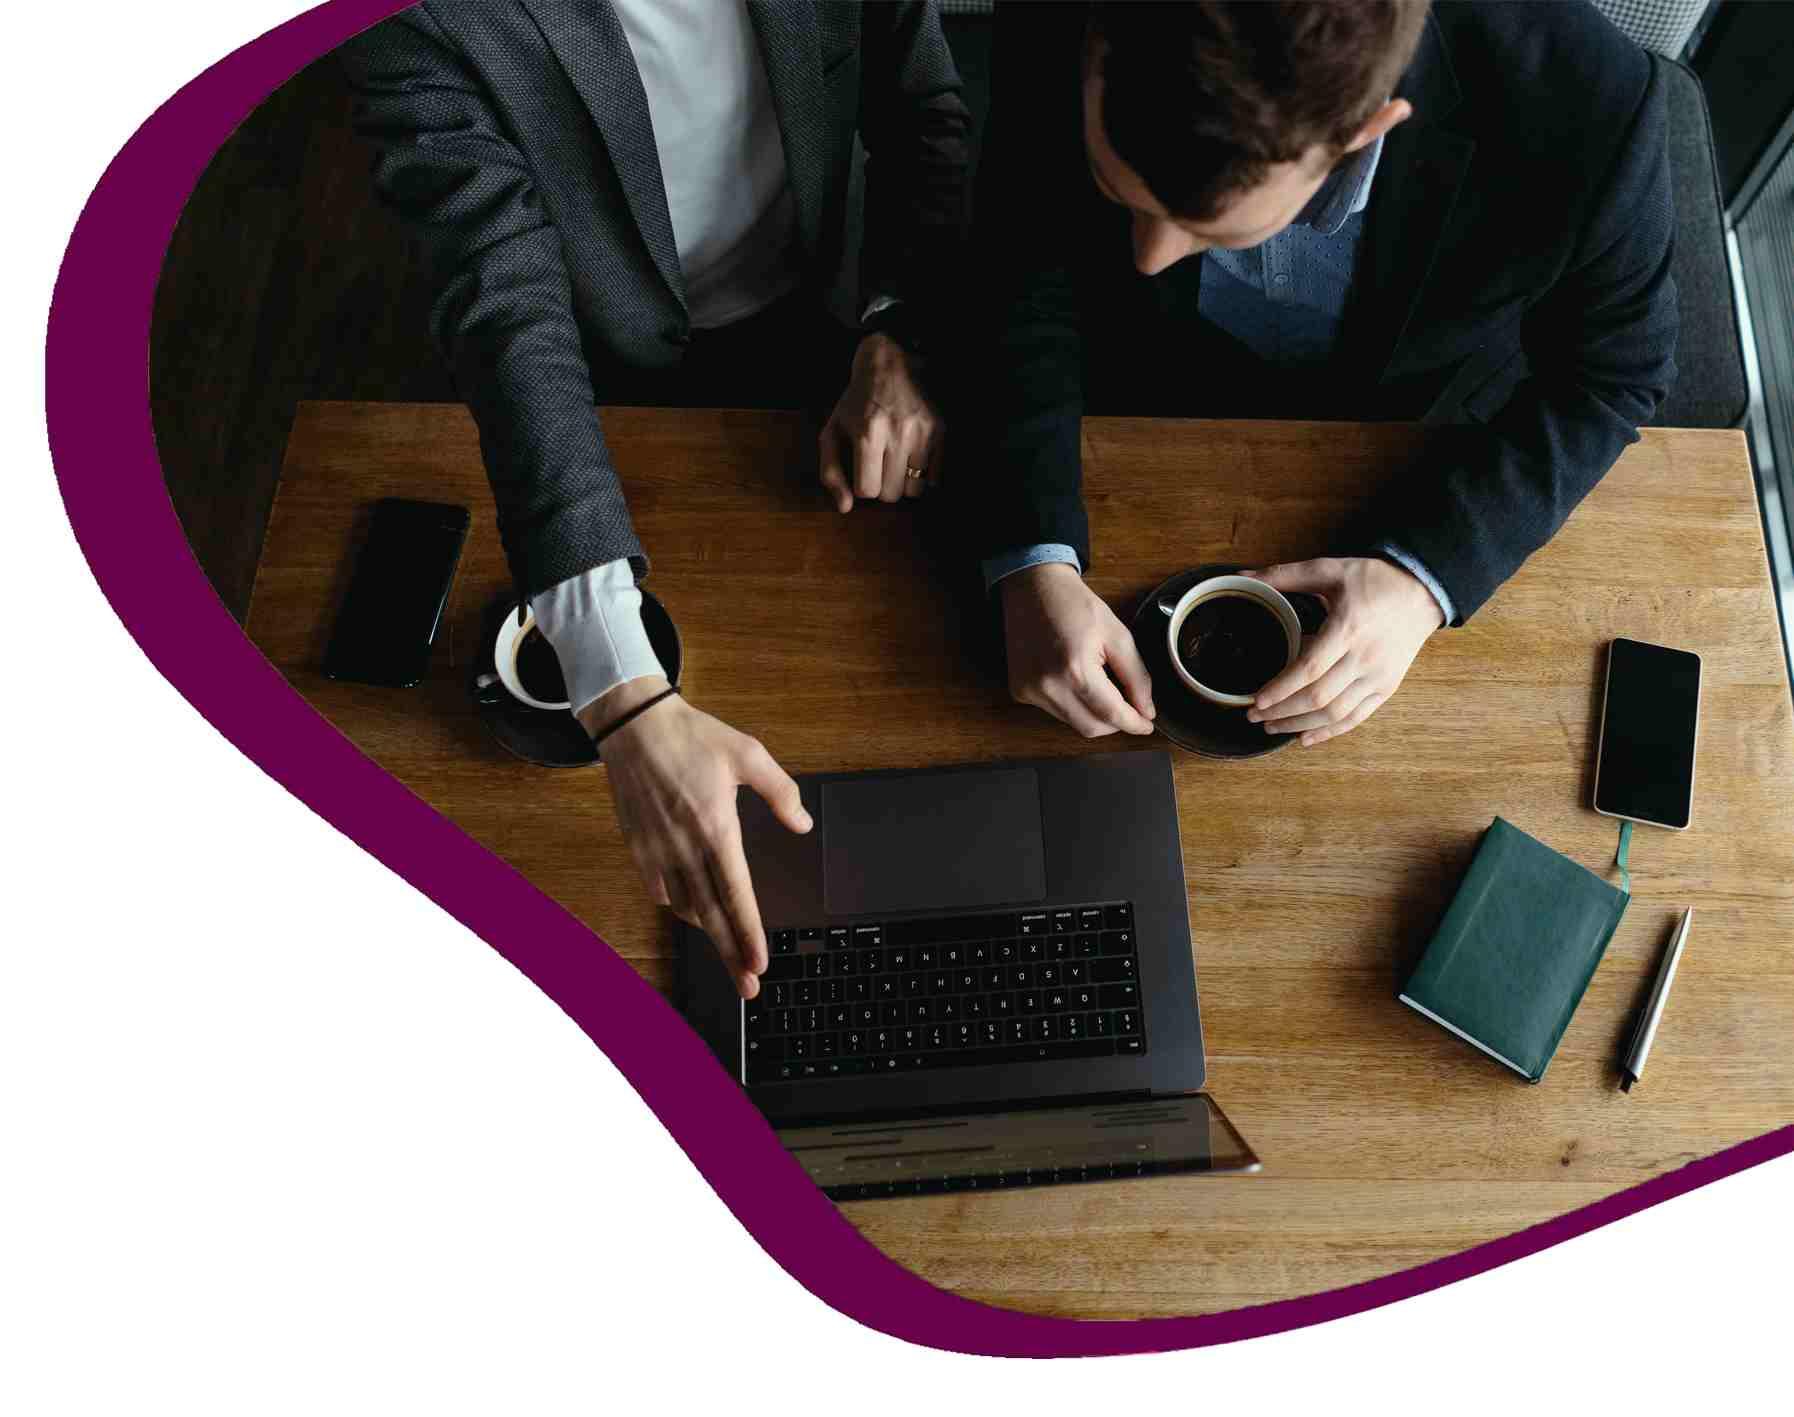 خدمات تولید محتوا و بازاریابی محتوایی